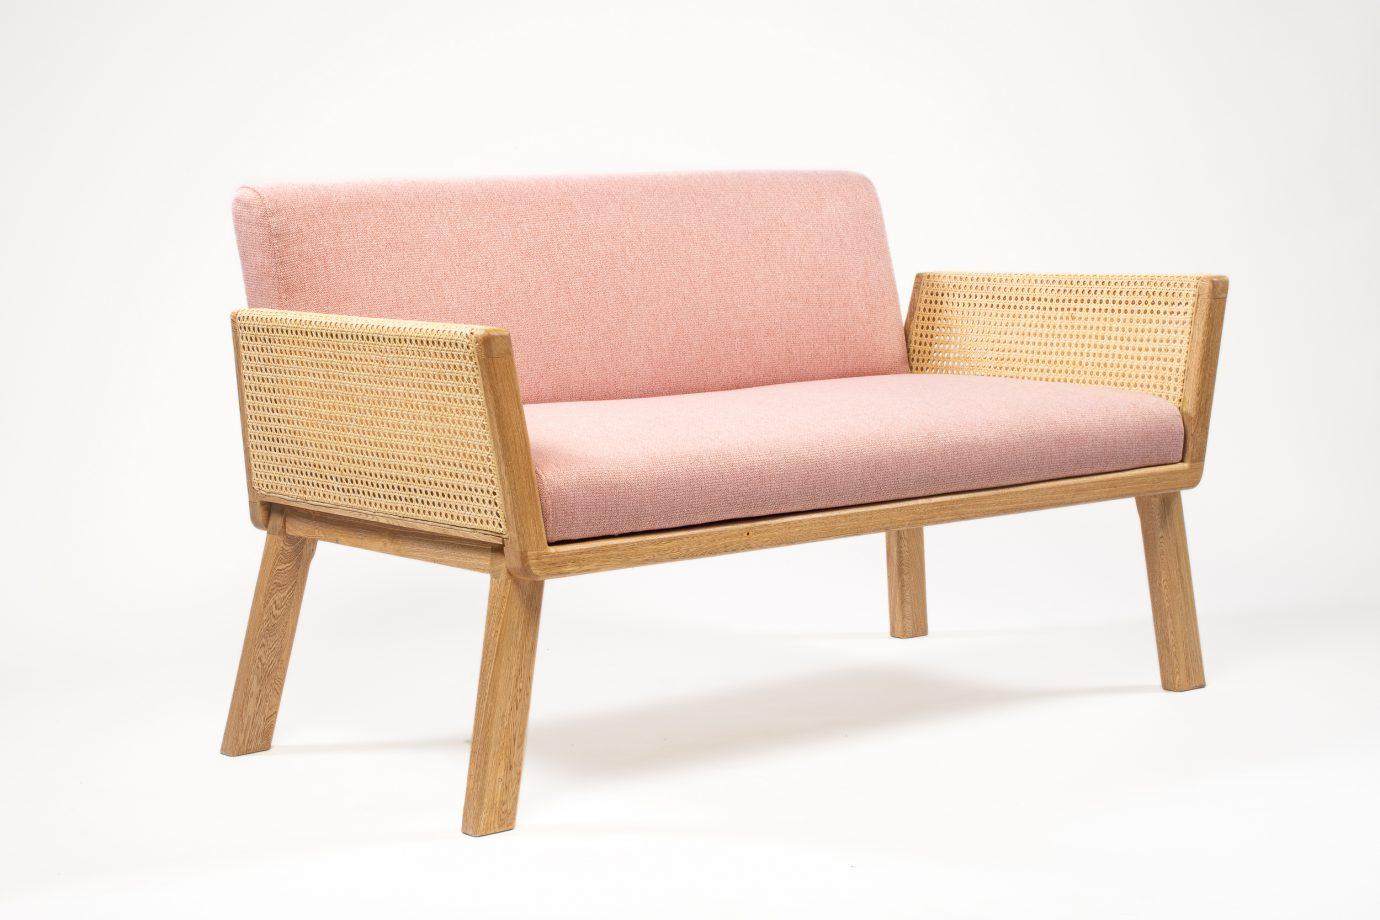 Este mueble tiene un nombre